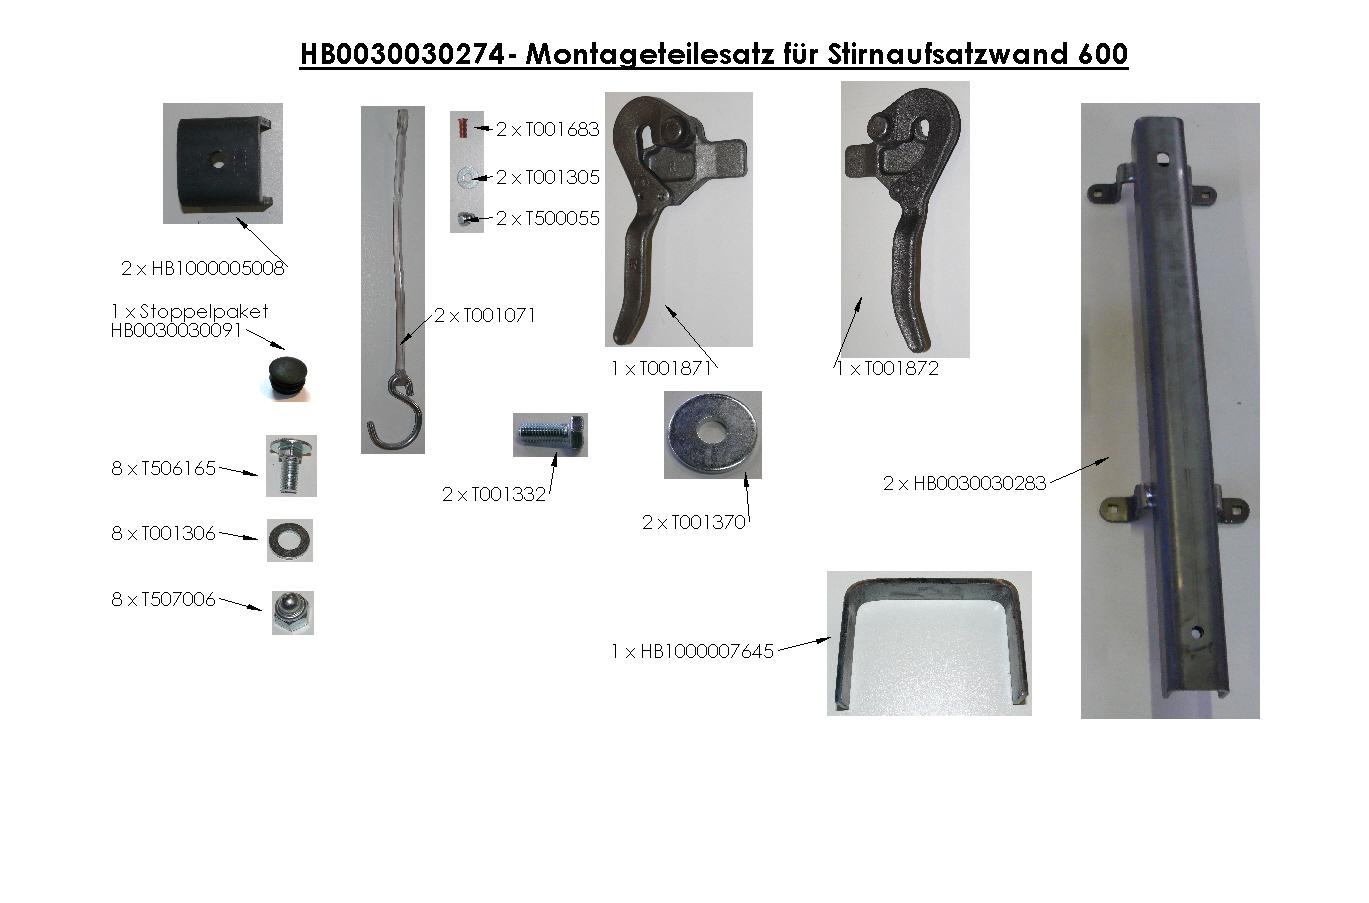 Brantner Kipper und Anhänger - AW-Zubehör für Stabilator mit hydr. RW Höhe 600